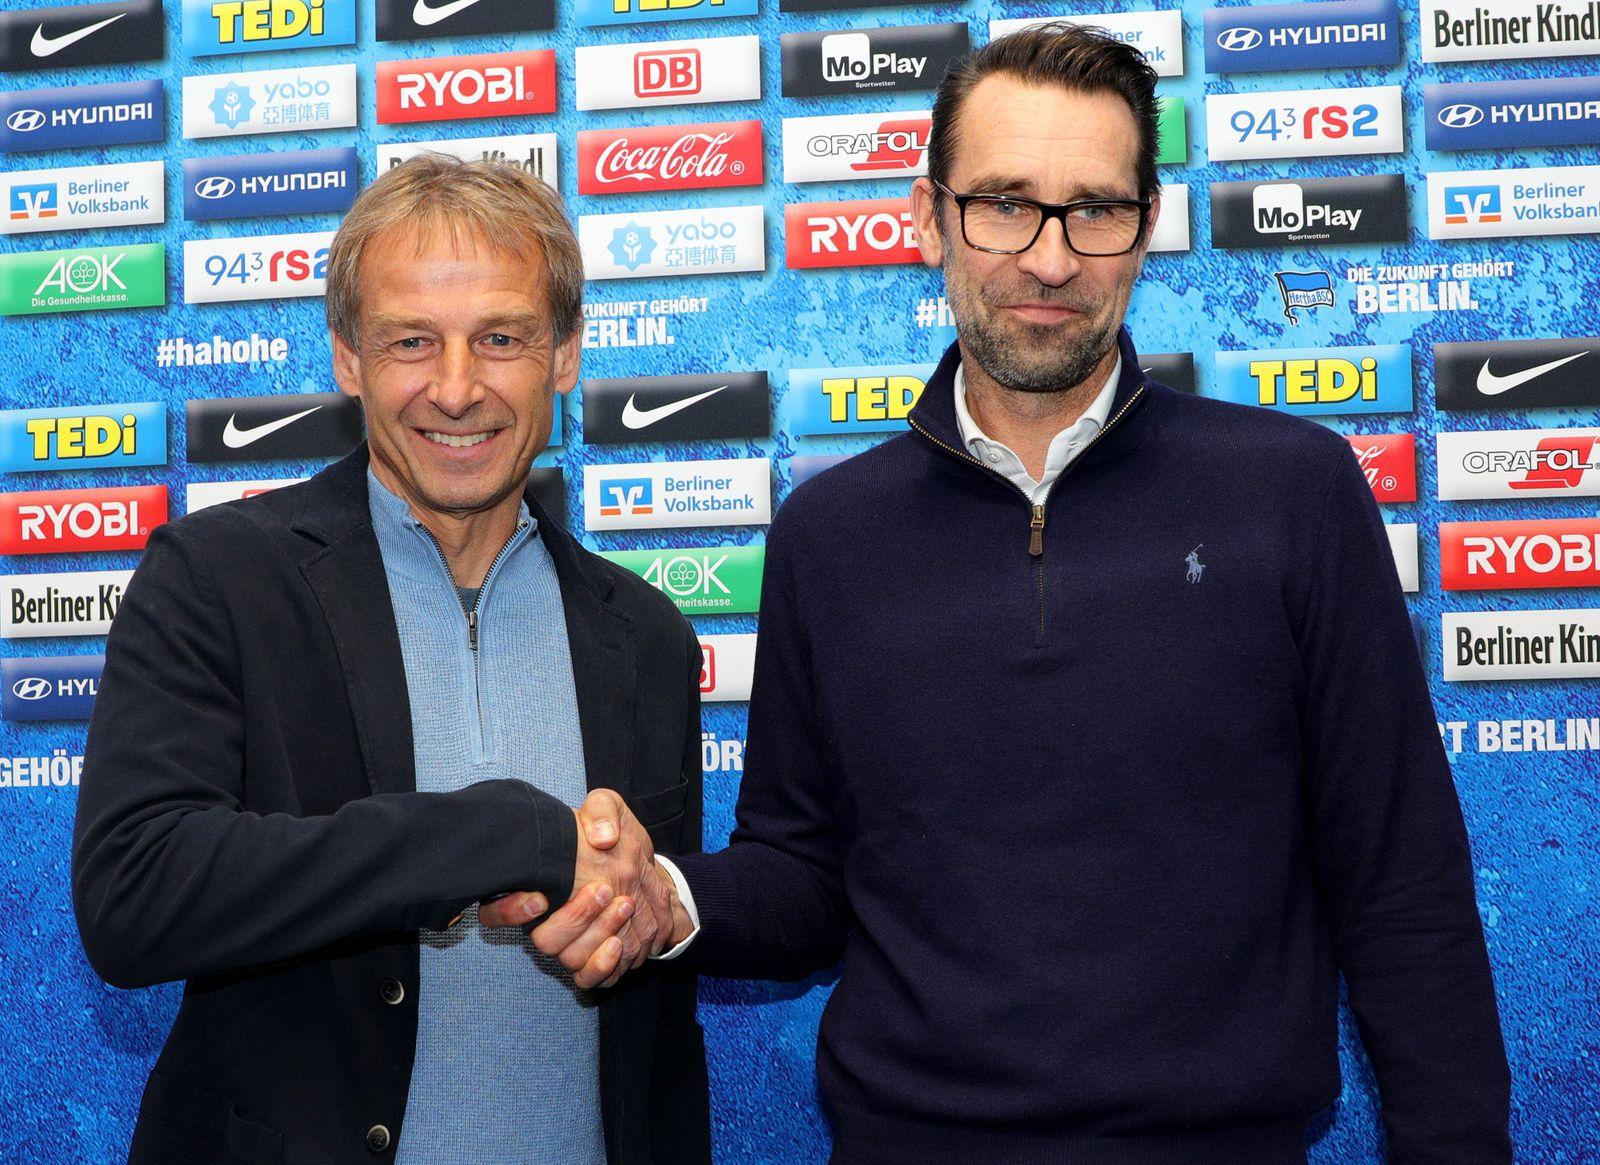 Juergen Klinsmann steps down as Hertha BSC coach, Berlin, Germany - 27 Nov 2019